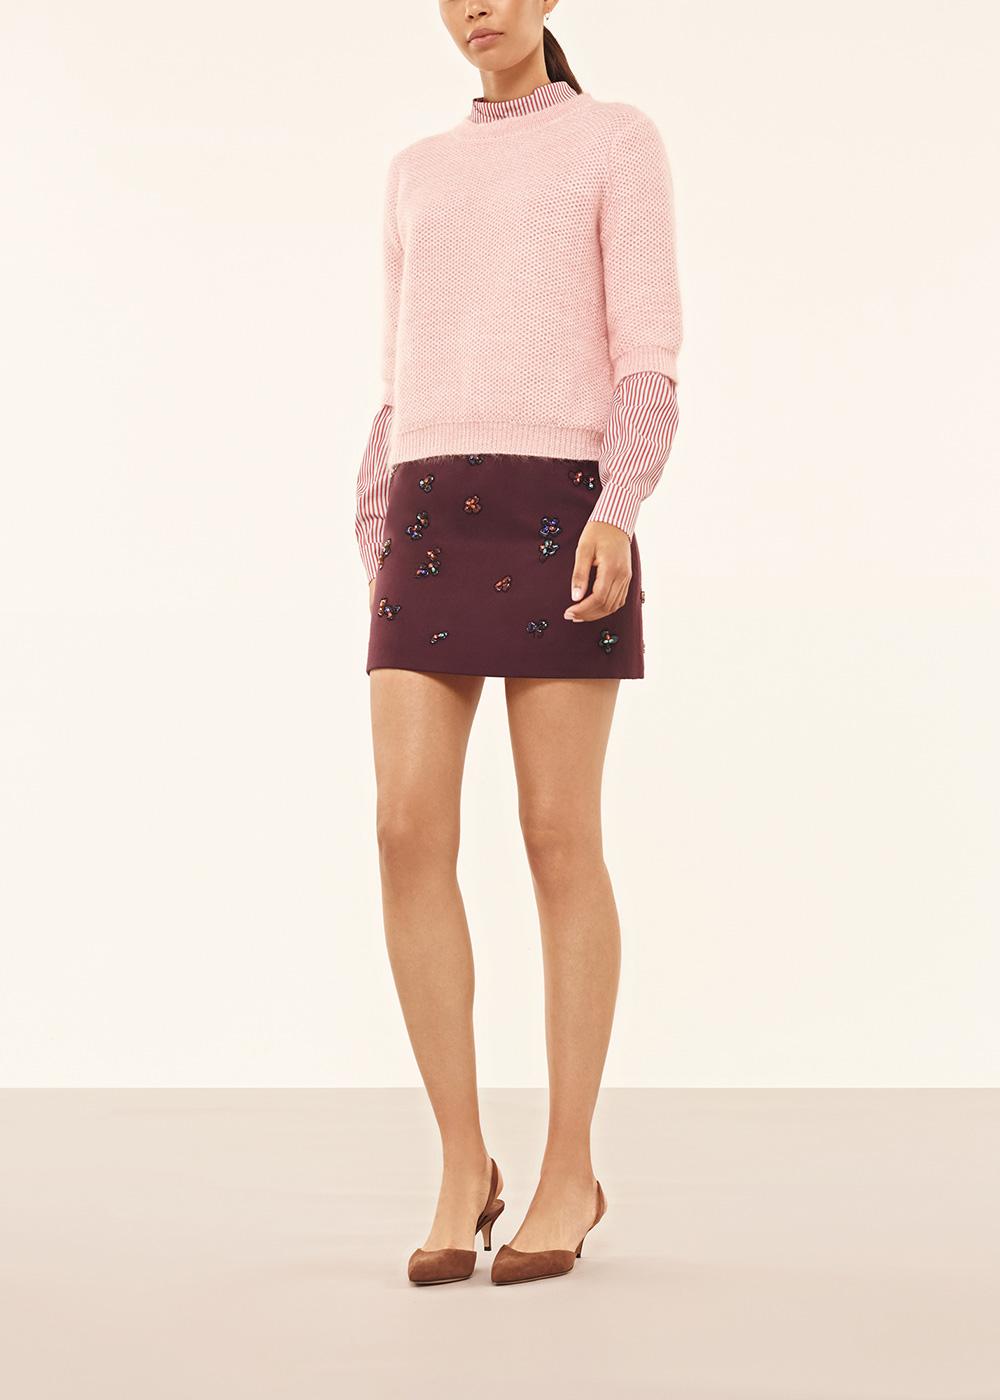 Pink Short Sleeved Knit Jumper - Alexander Lewis